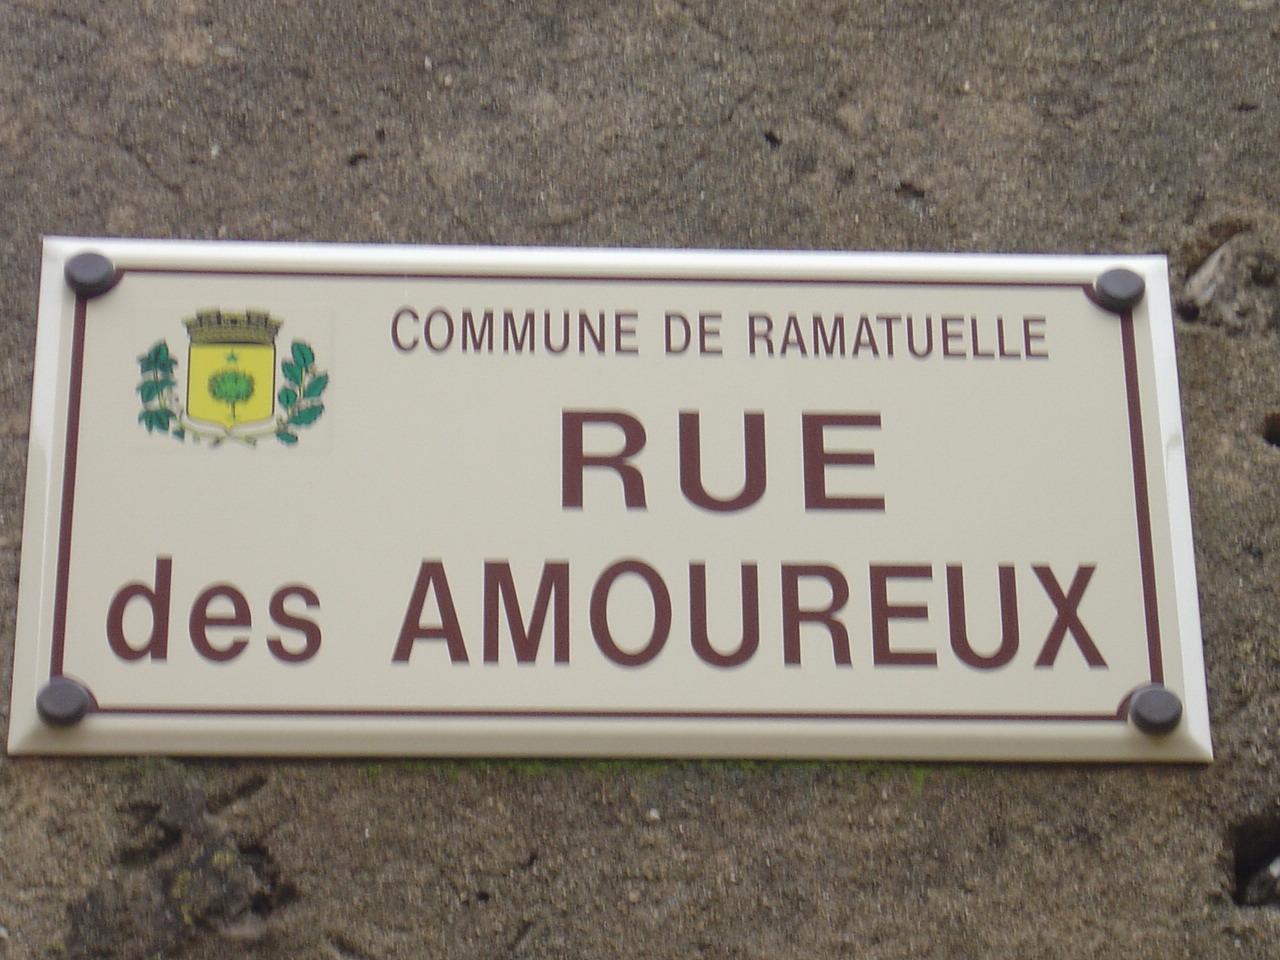 rue des amoureux